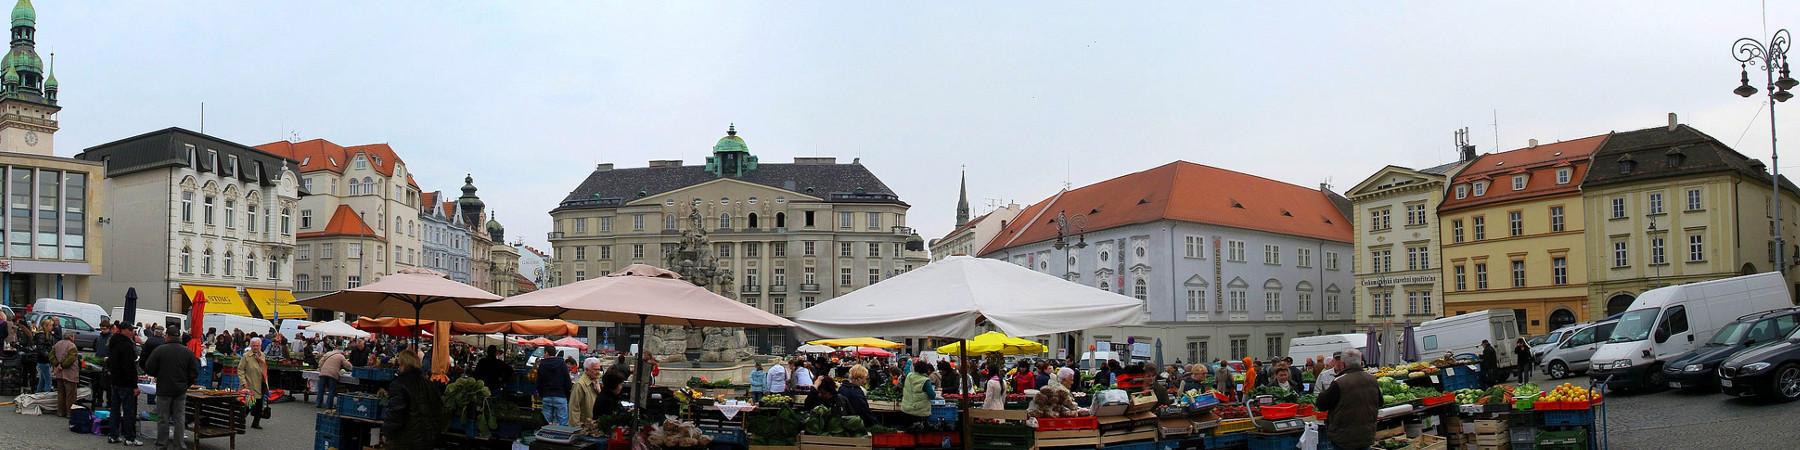 Esperienza a Brno, Repubblica Ceca di Martin